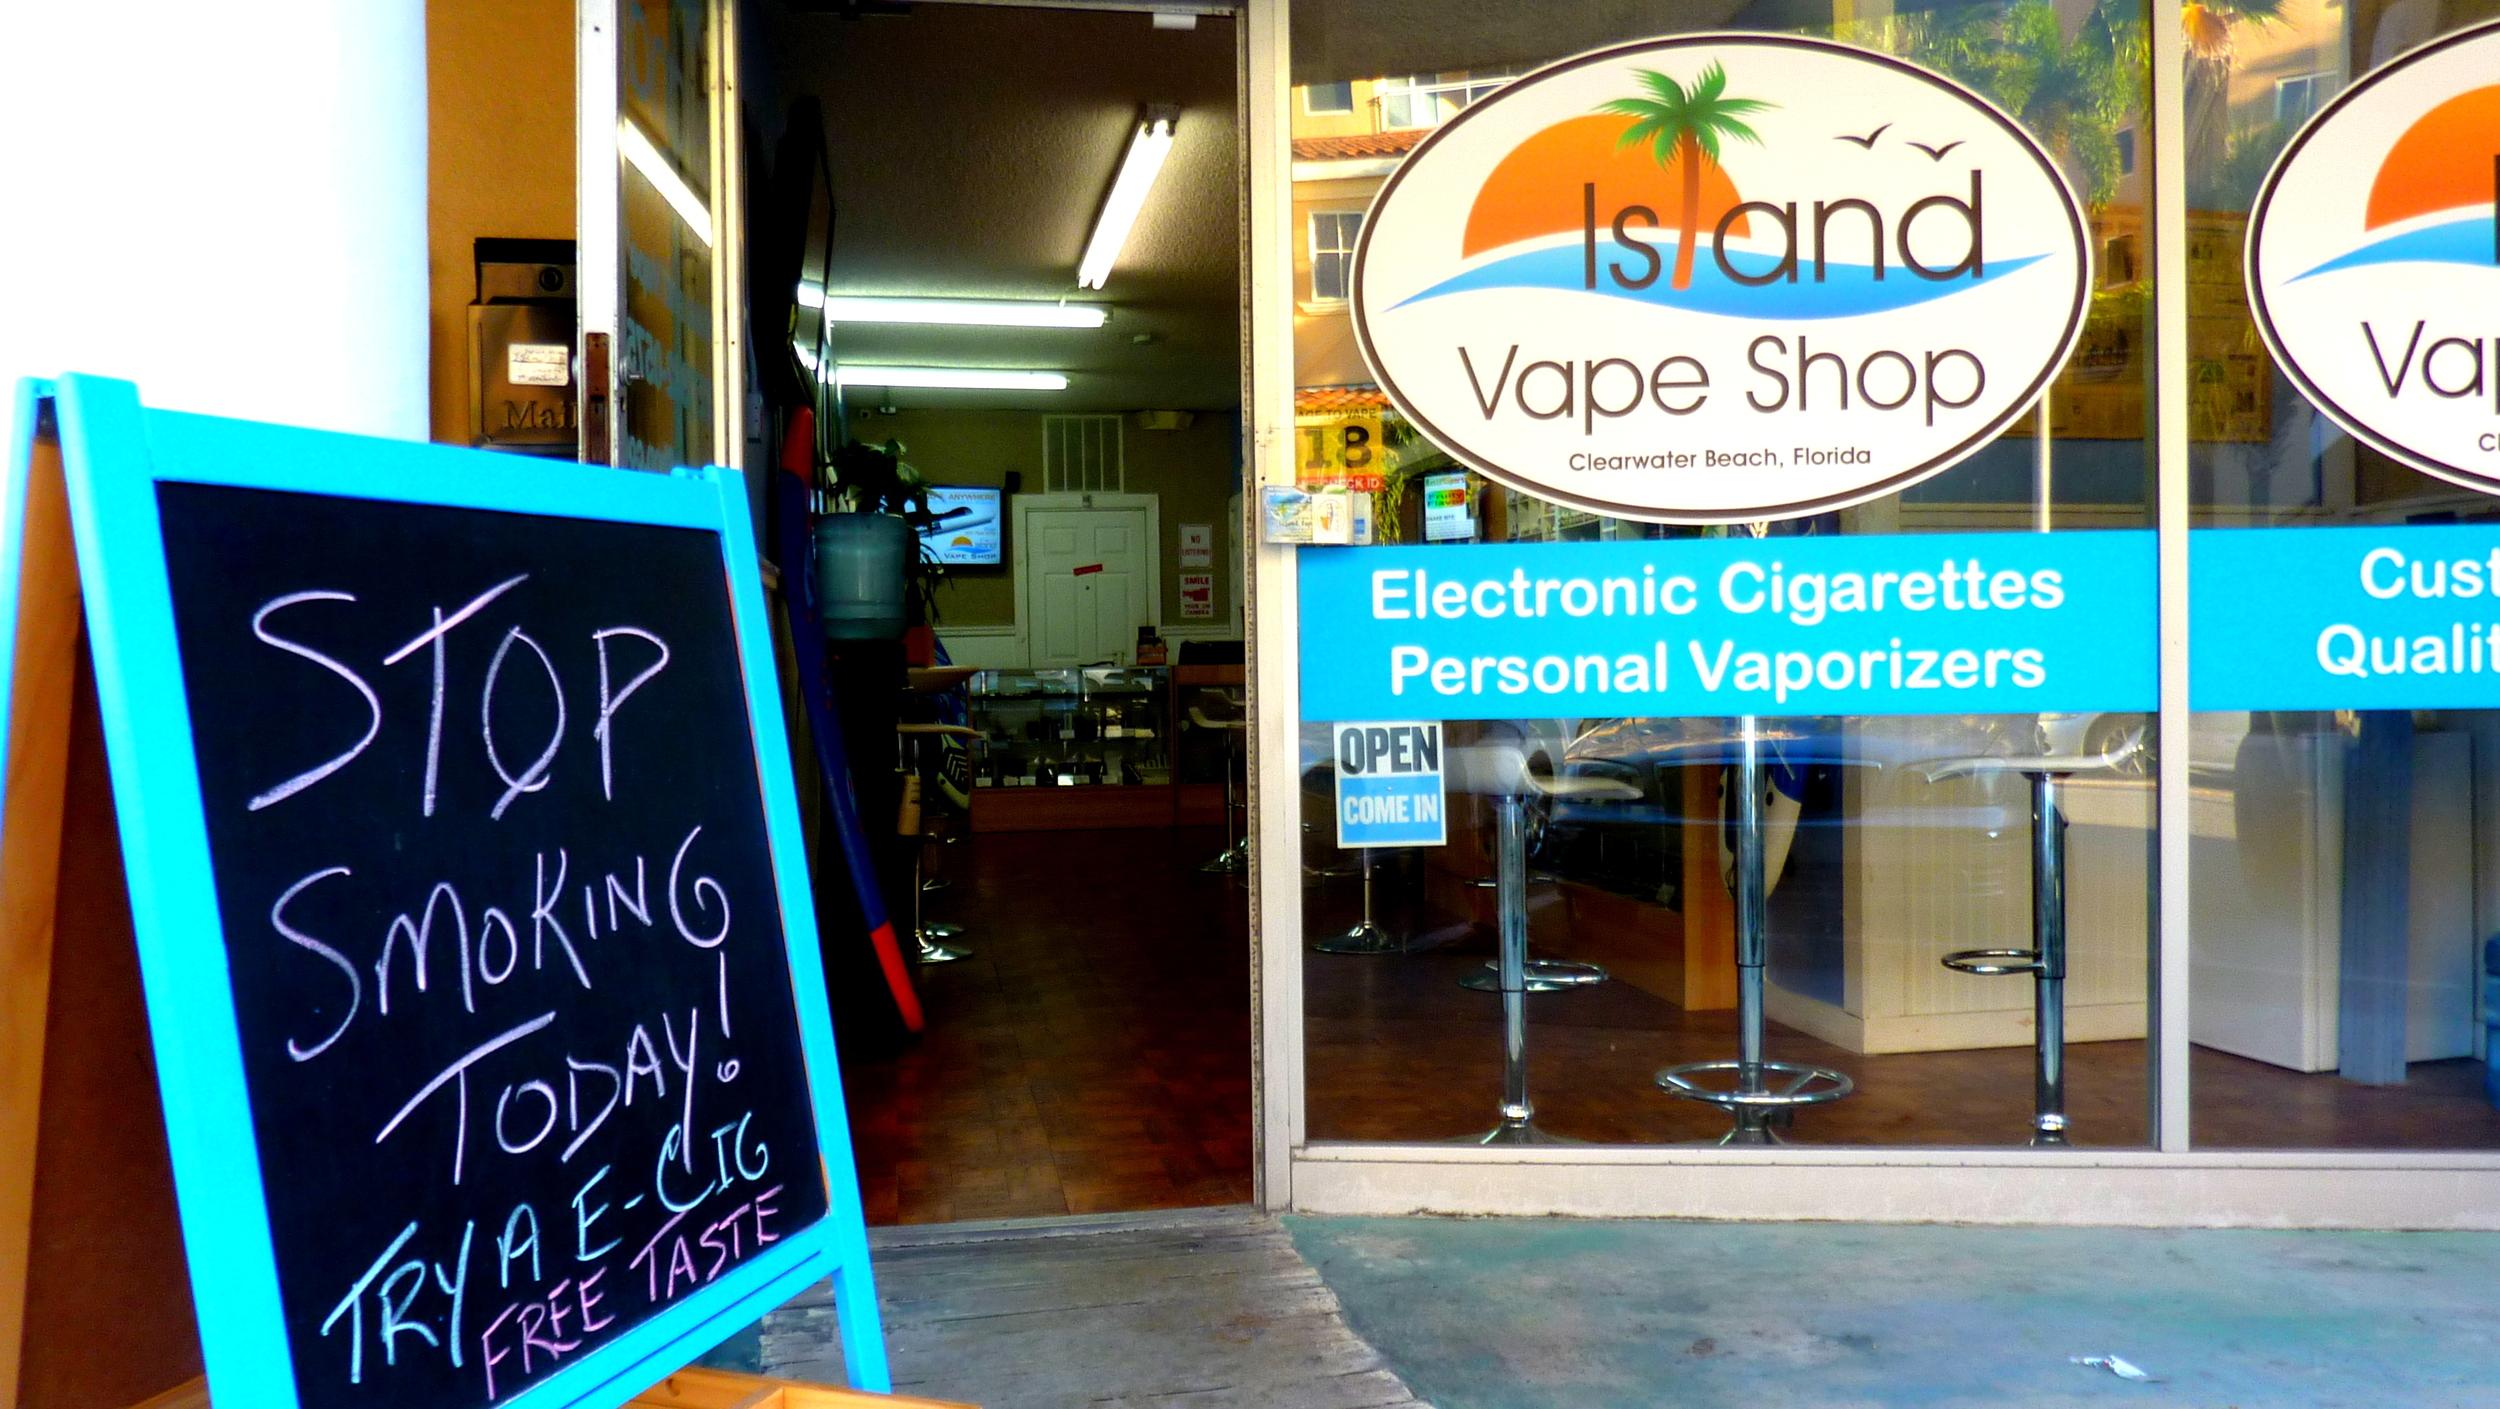 island_vape_shop_stop_smoking_today_ecig.jpg